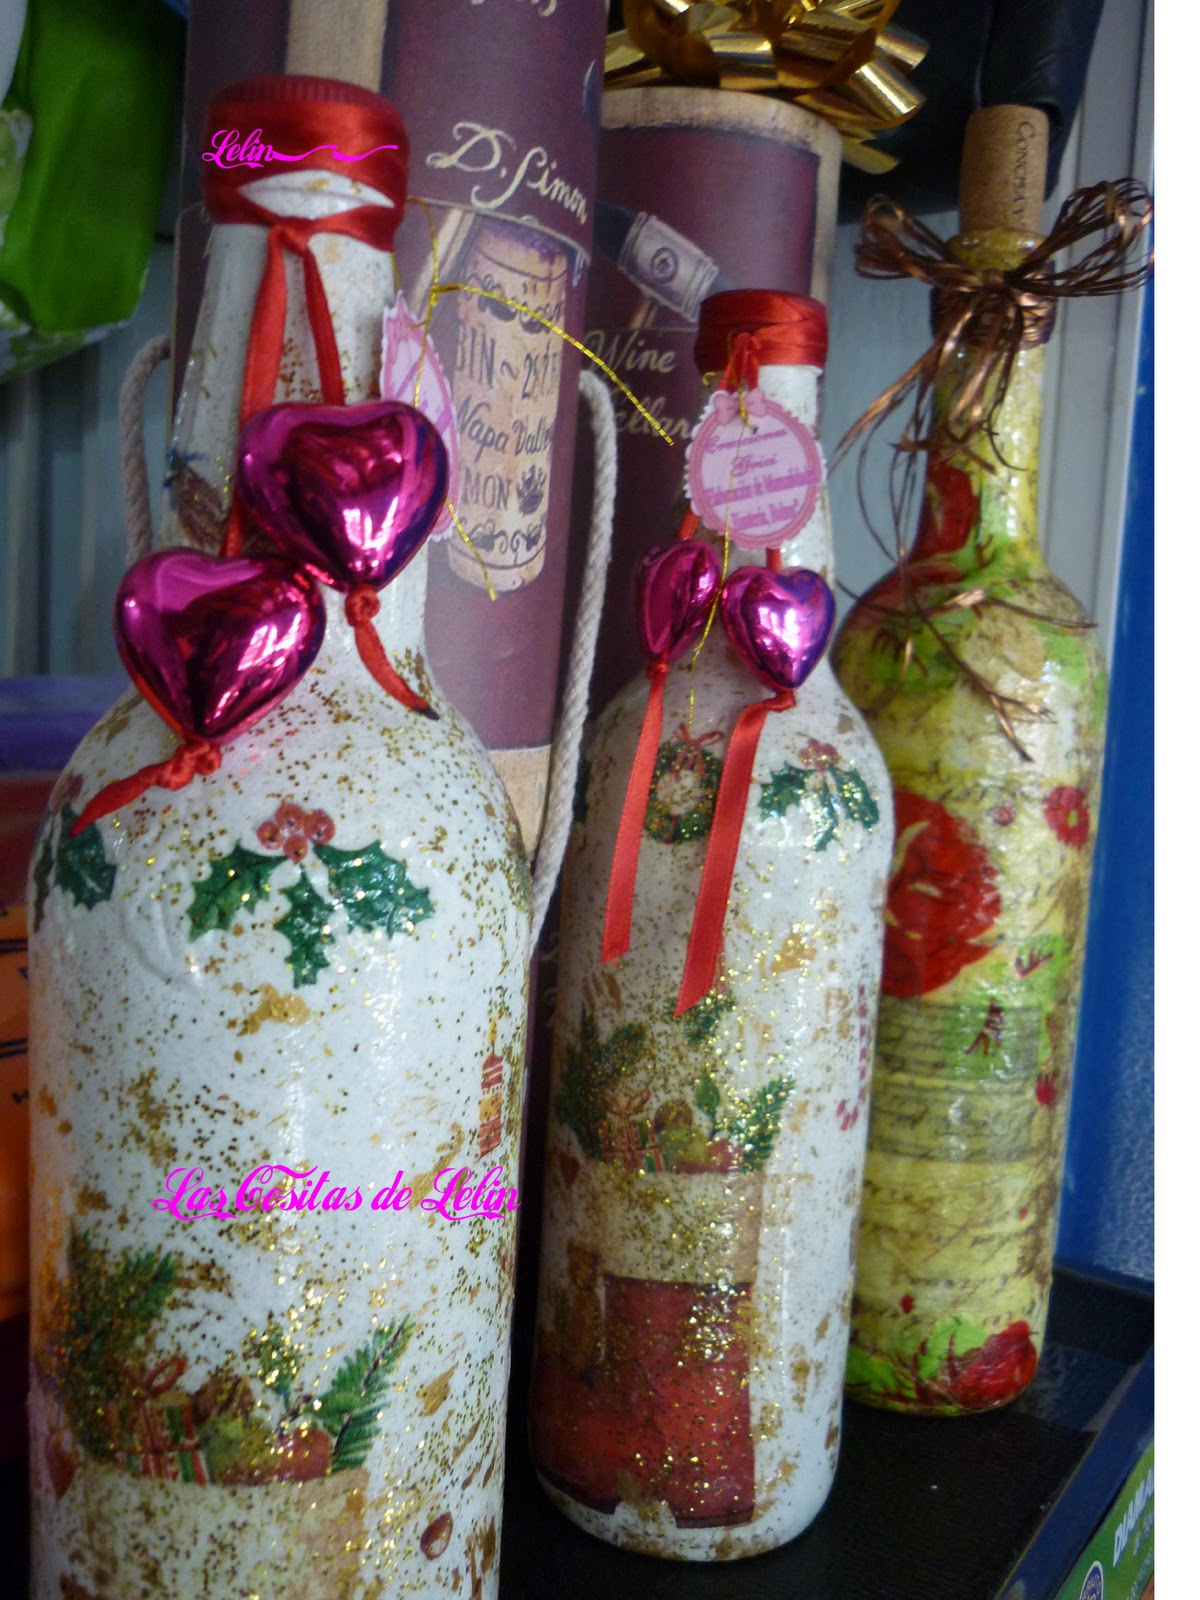 Las cositas de lelin botellas navide as - Botellas decoradas navidenas ...